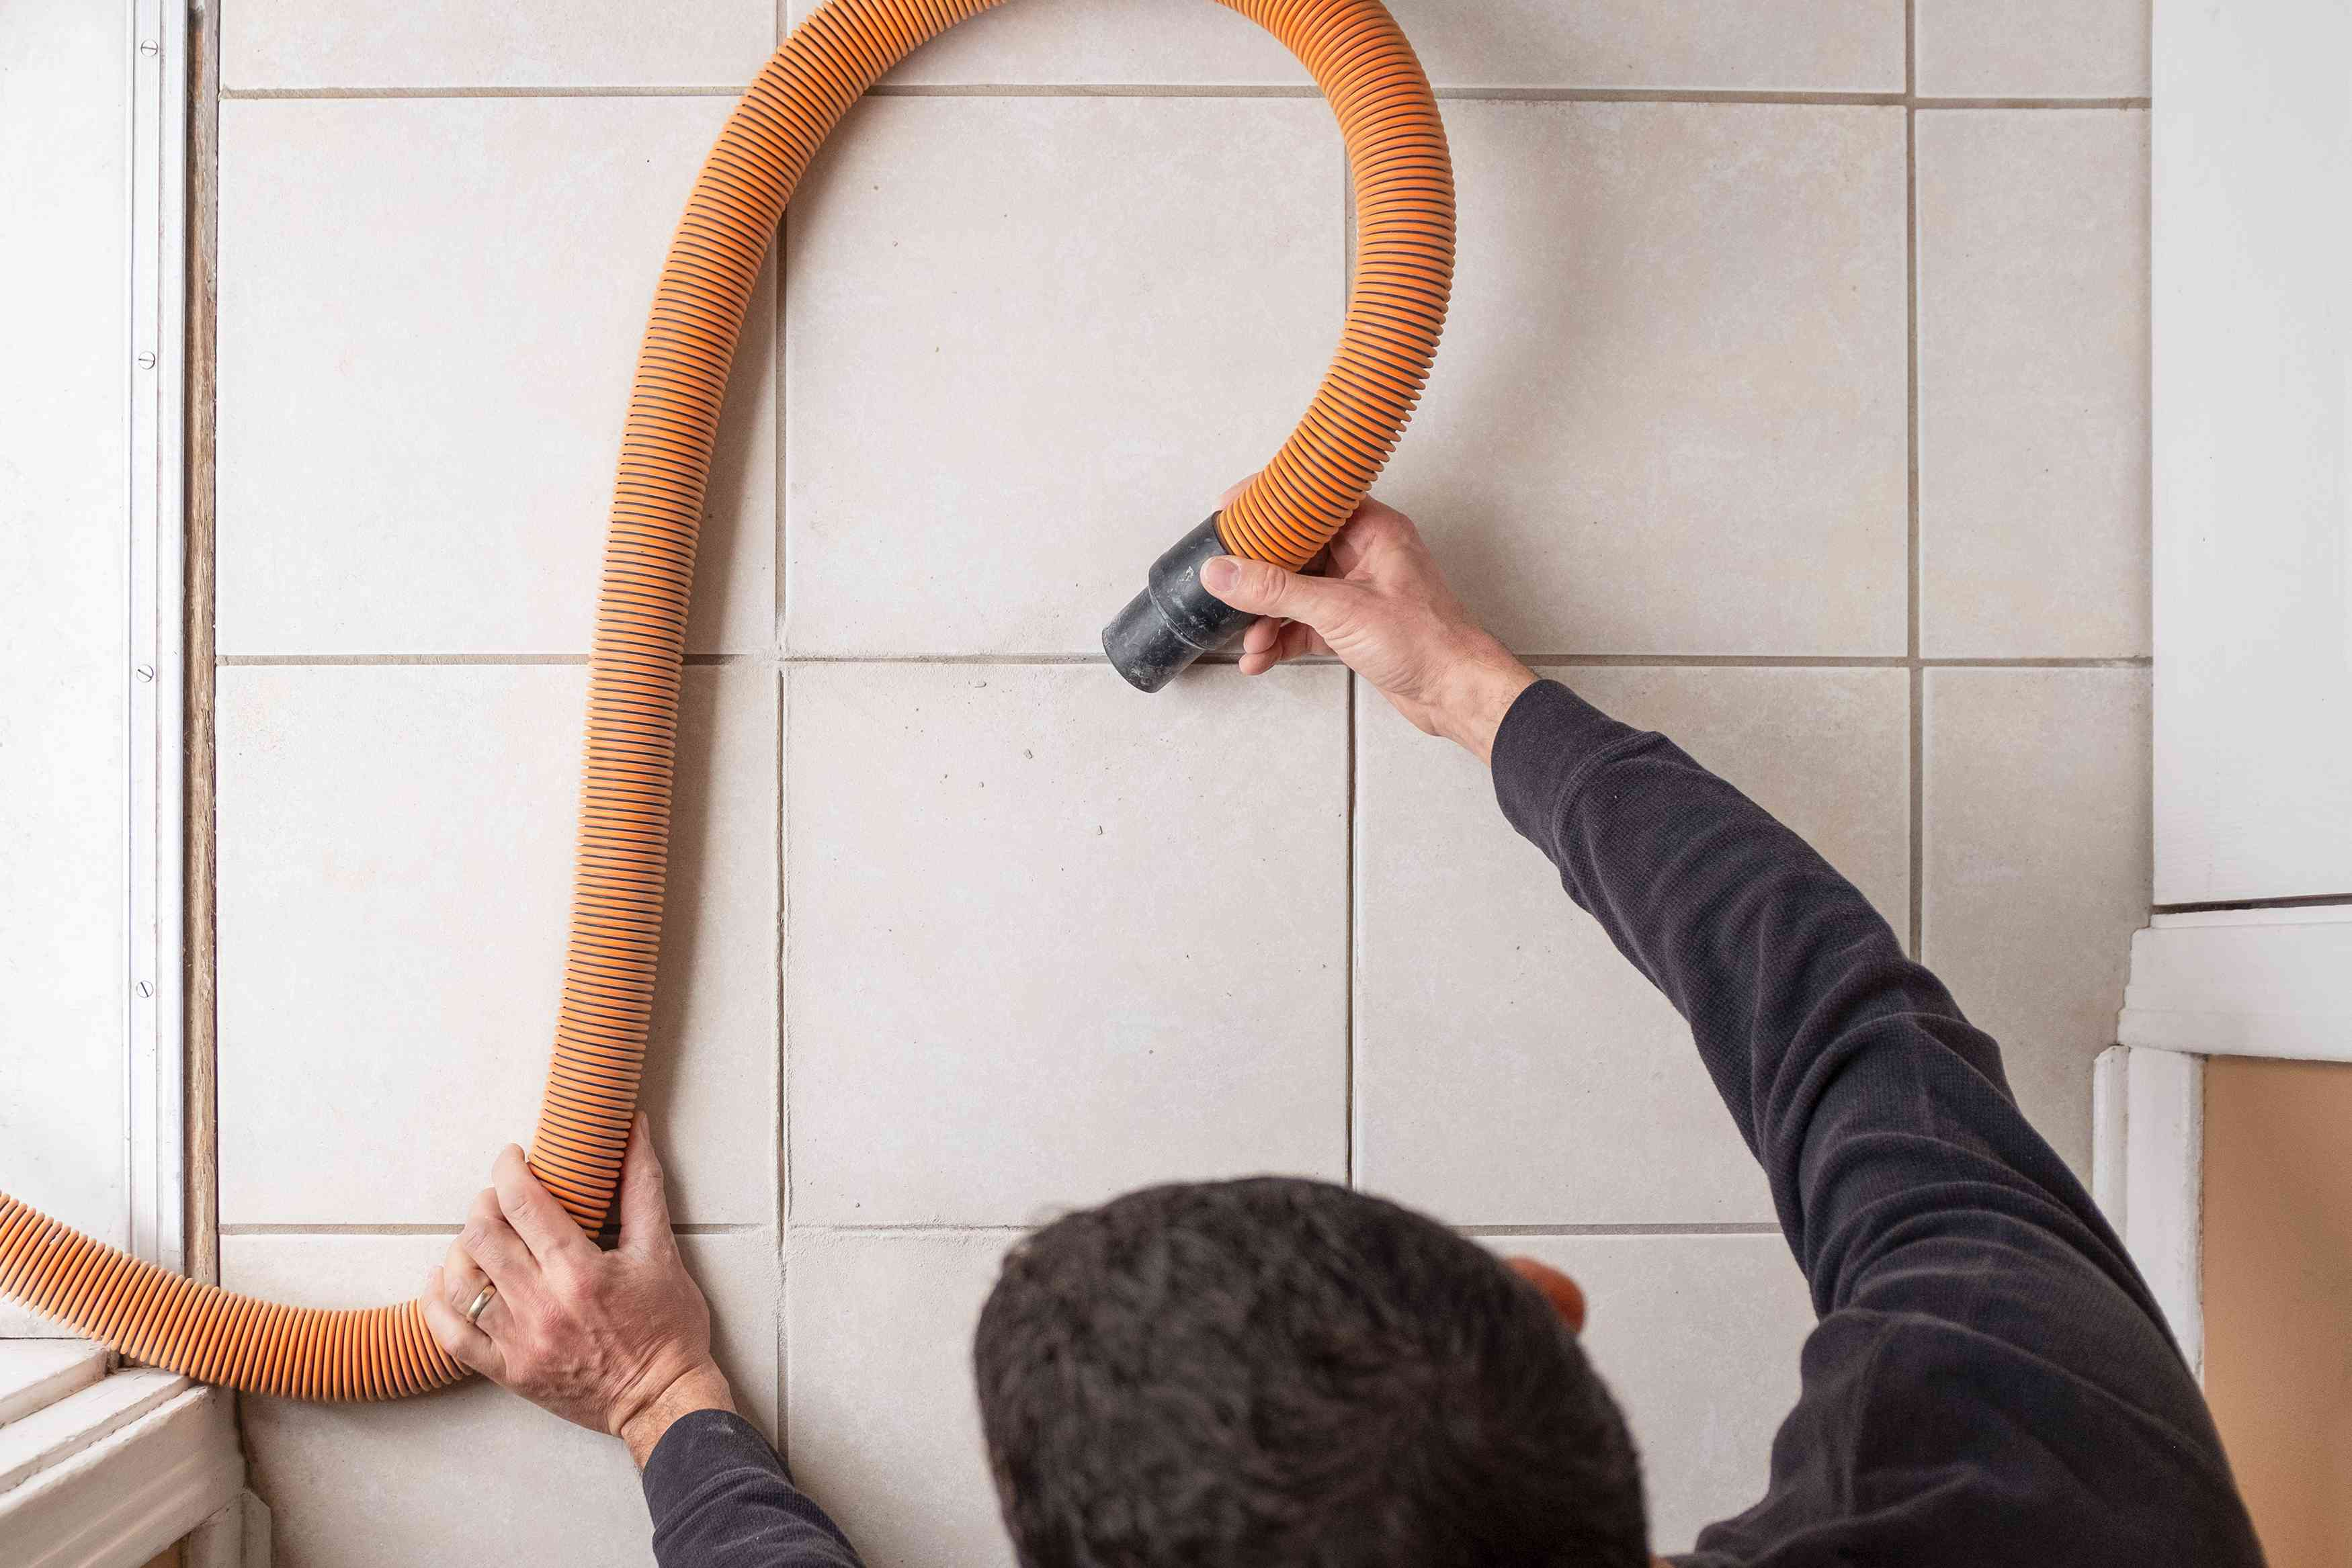 Vacuum tile grout joints